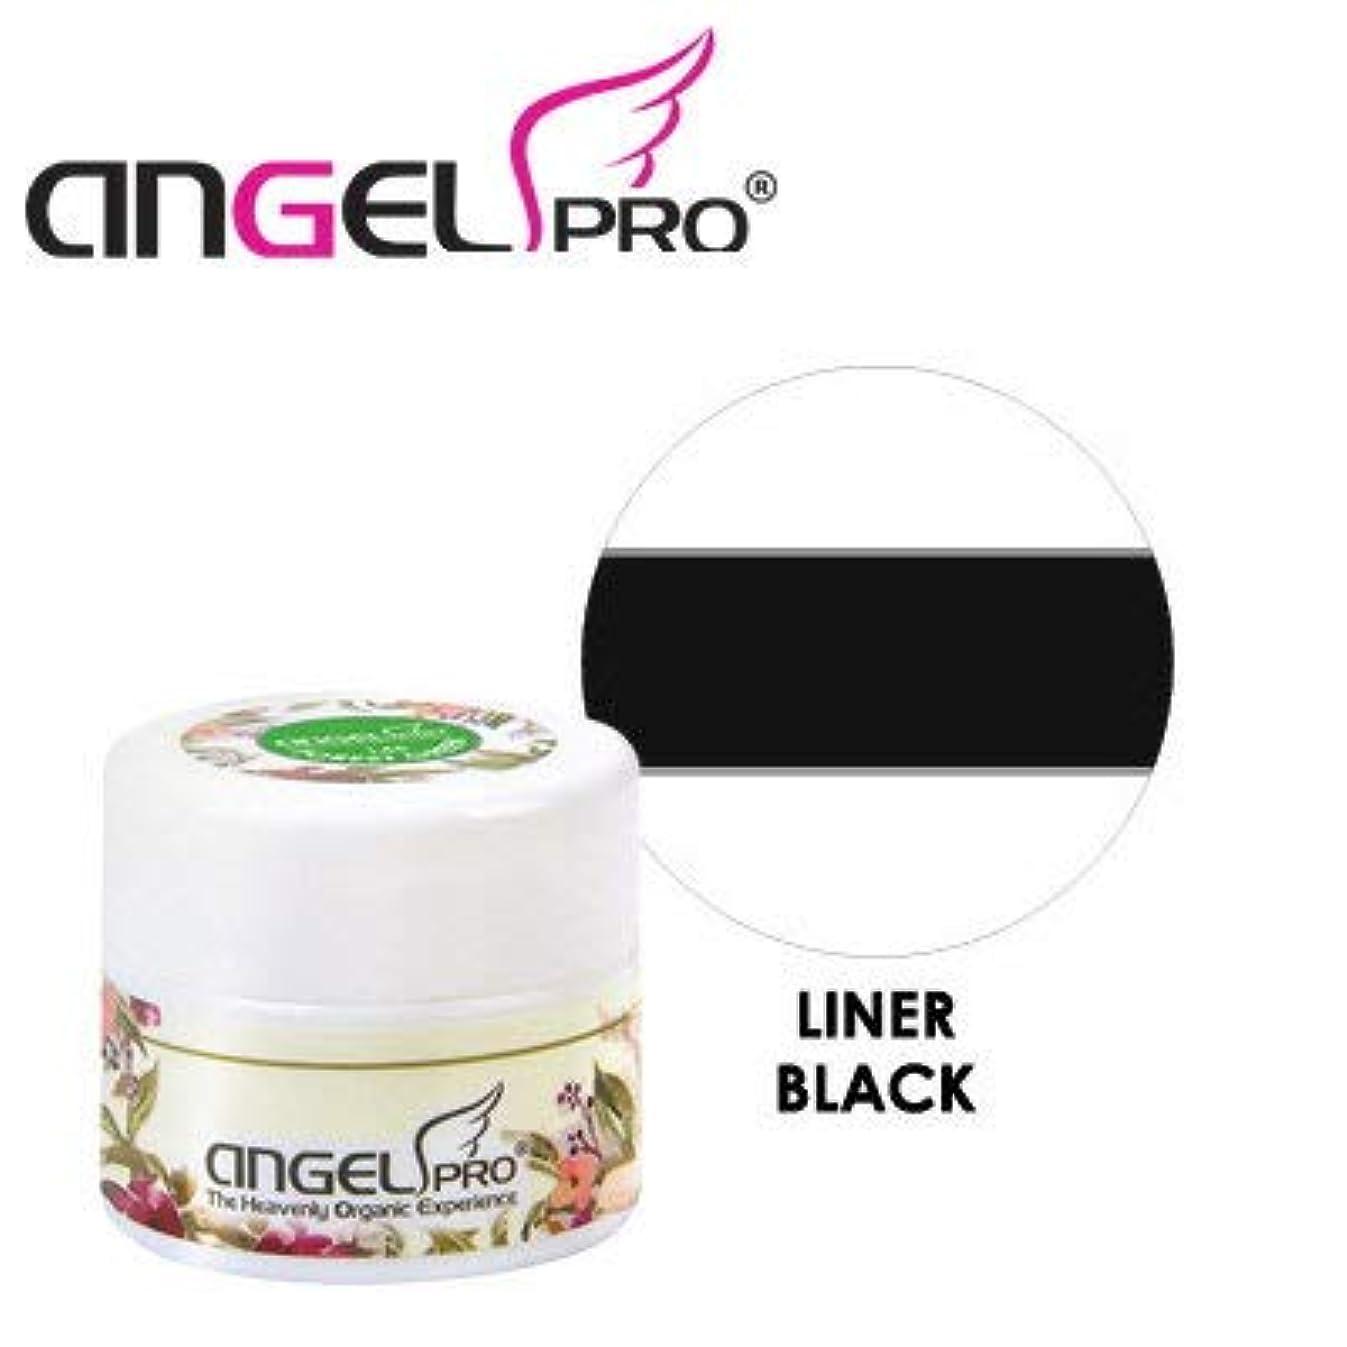 前提条件揃えるカートANGEL PRO ポットジェリー LINER BLACK 4g